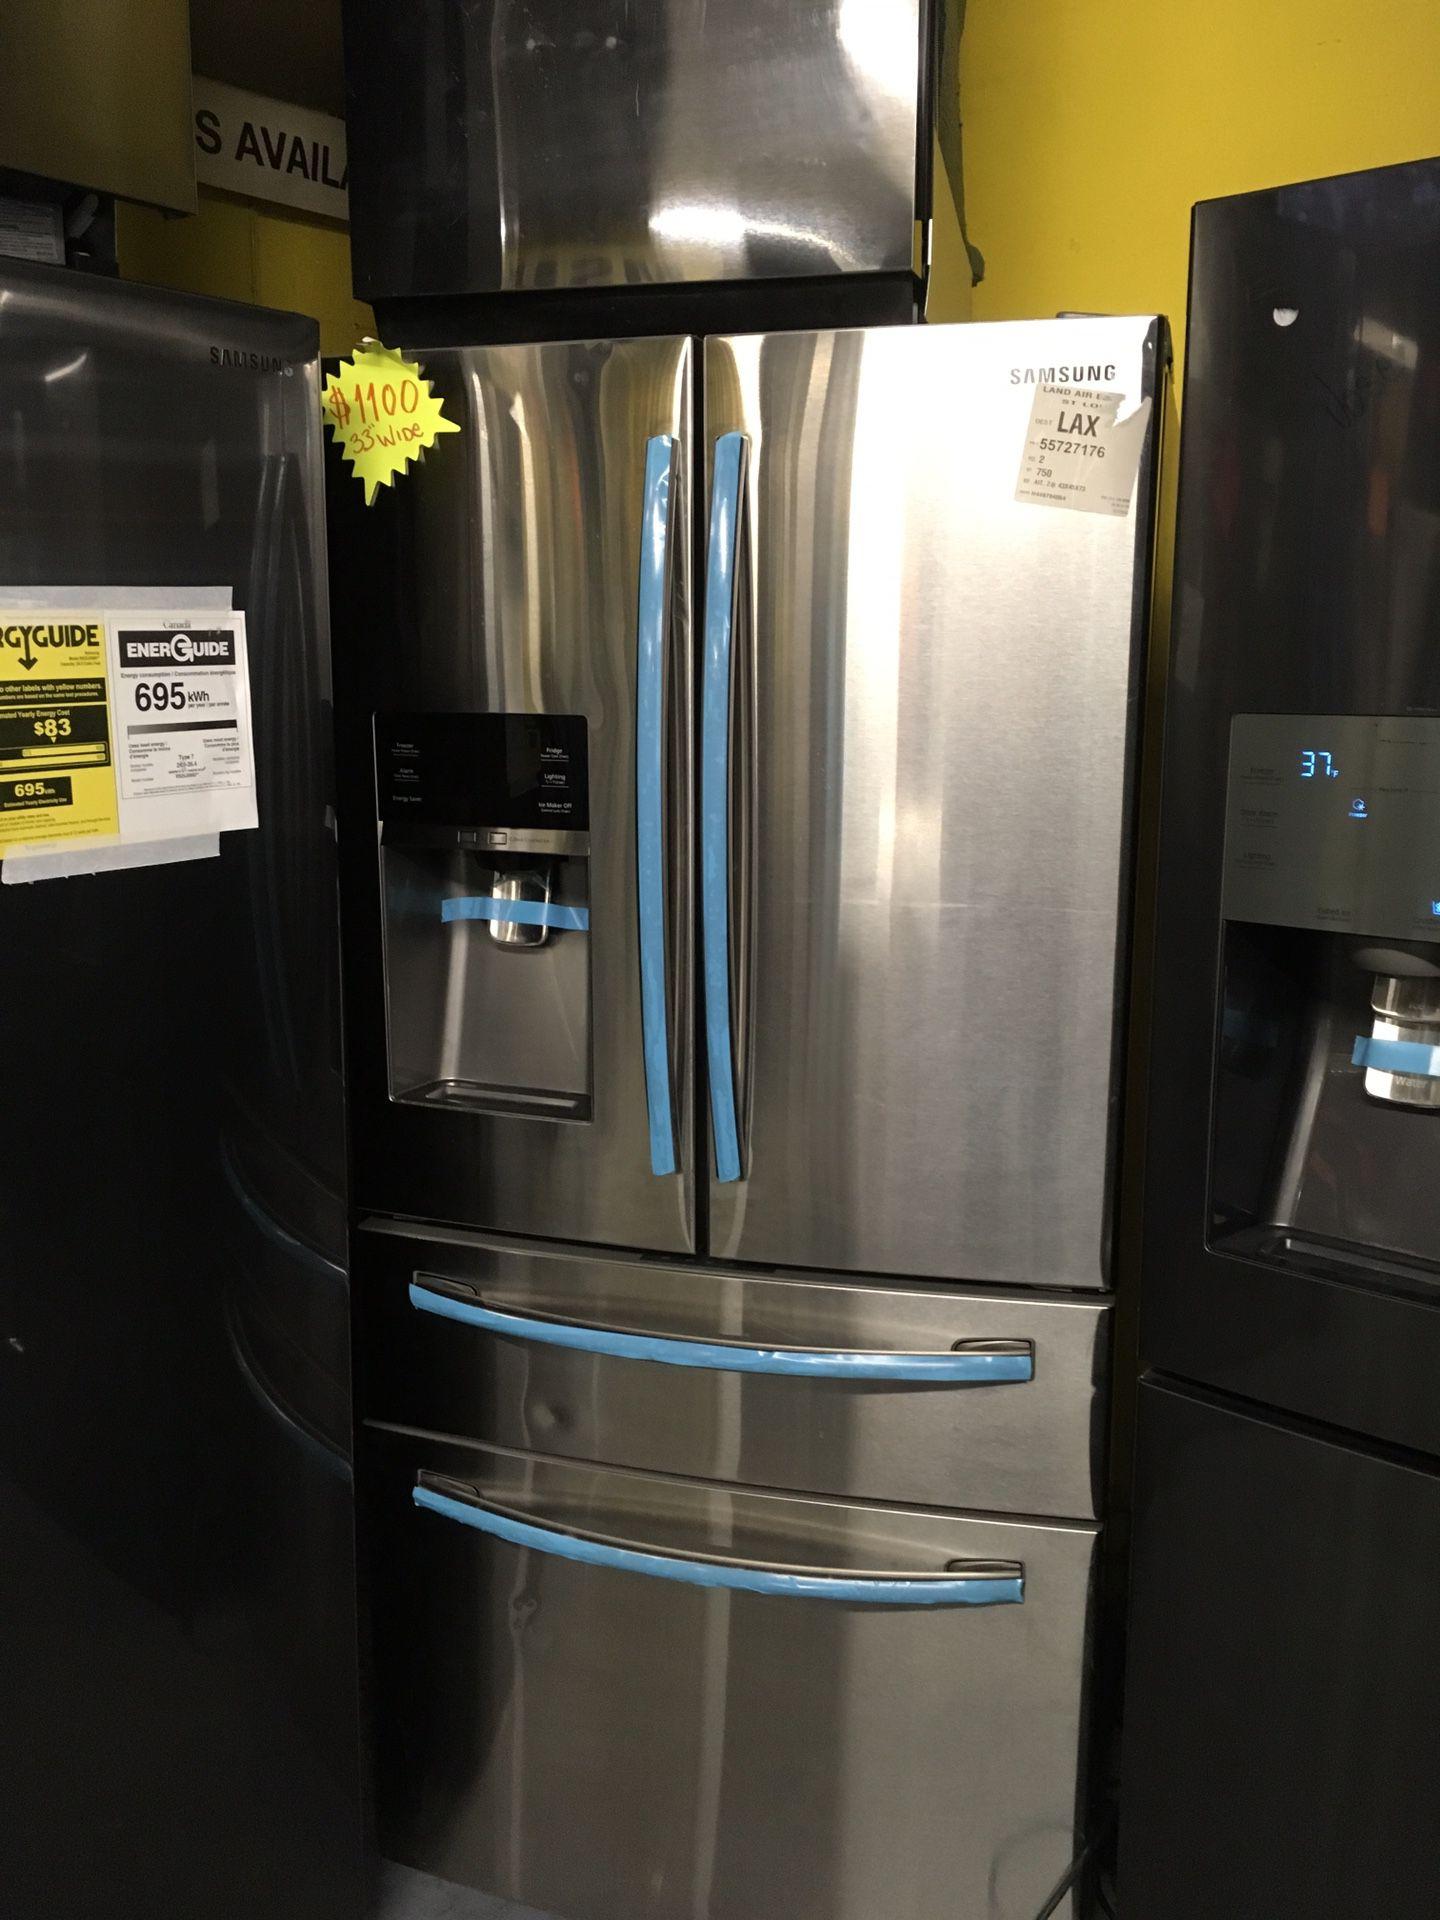 Samsung Stainless Steel 4 door wine cooler and bottom freezer